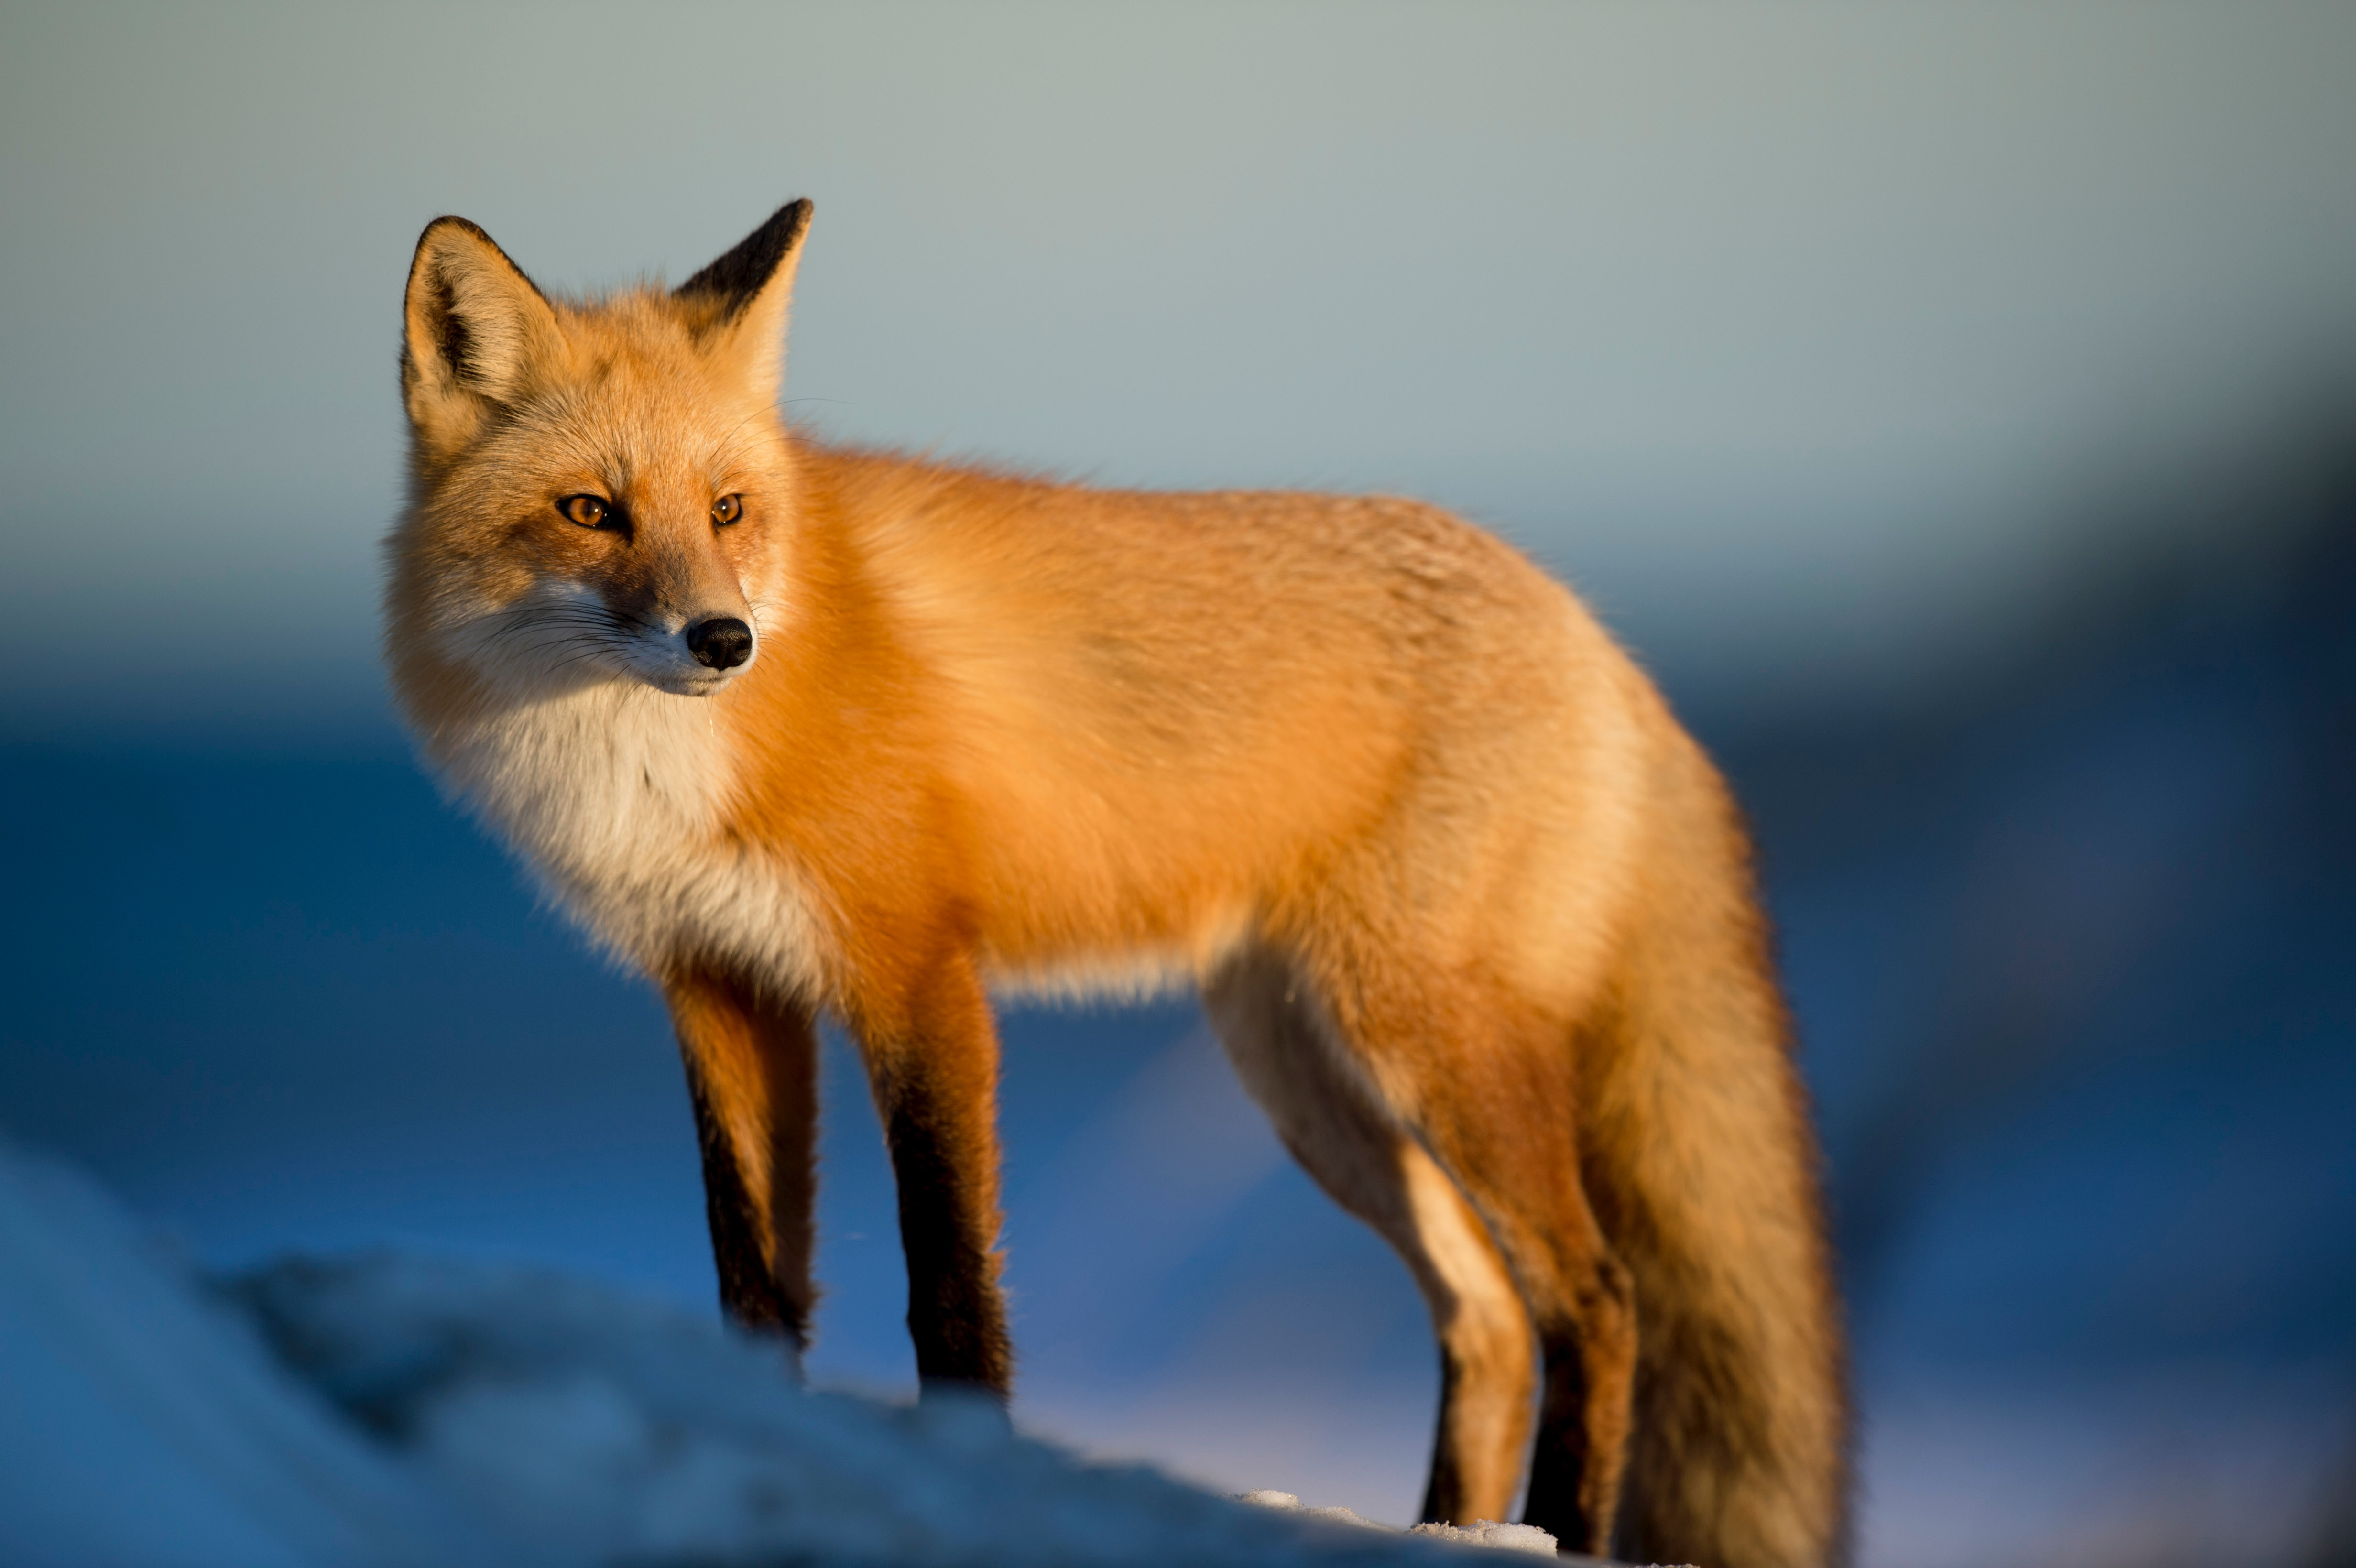 ræv, fox, dyr, arktis